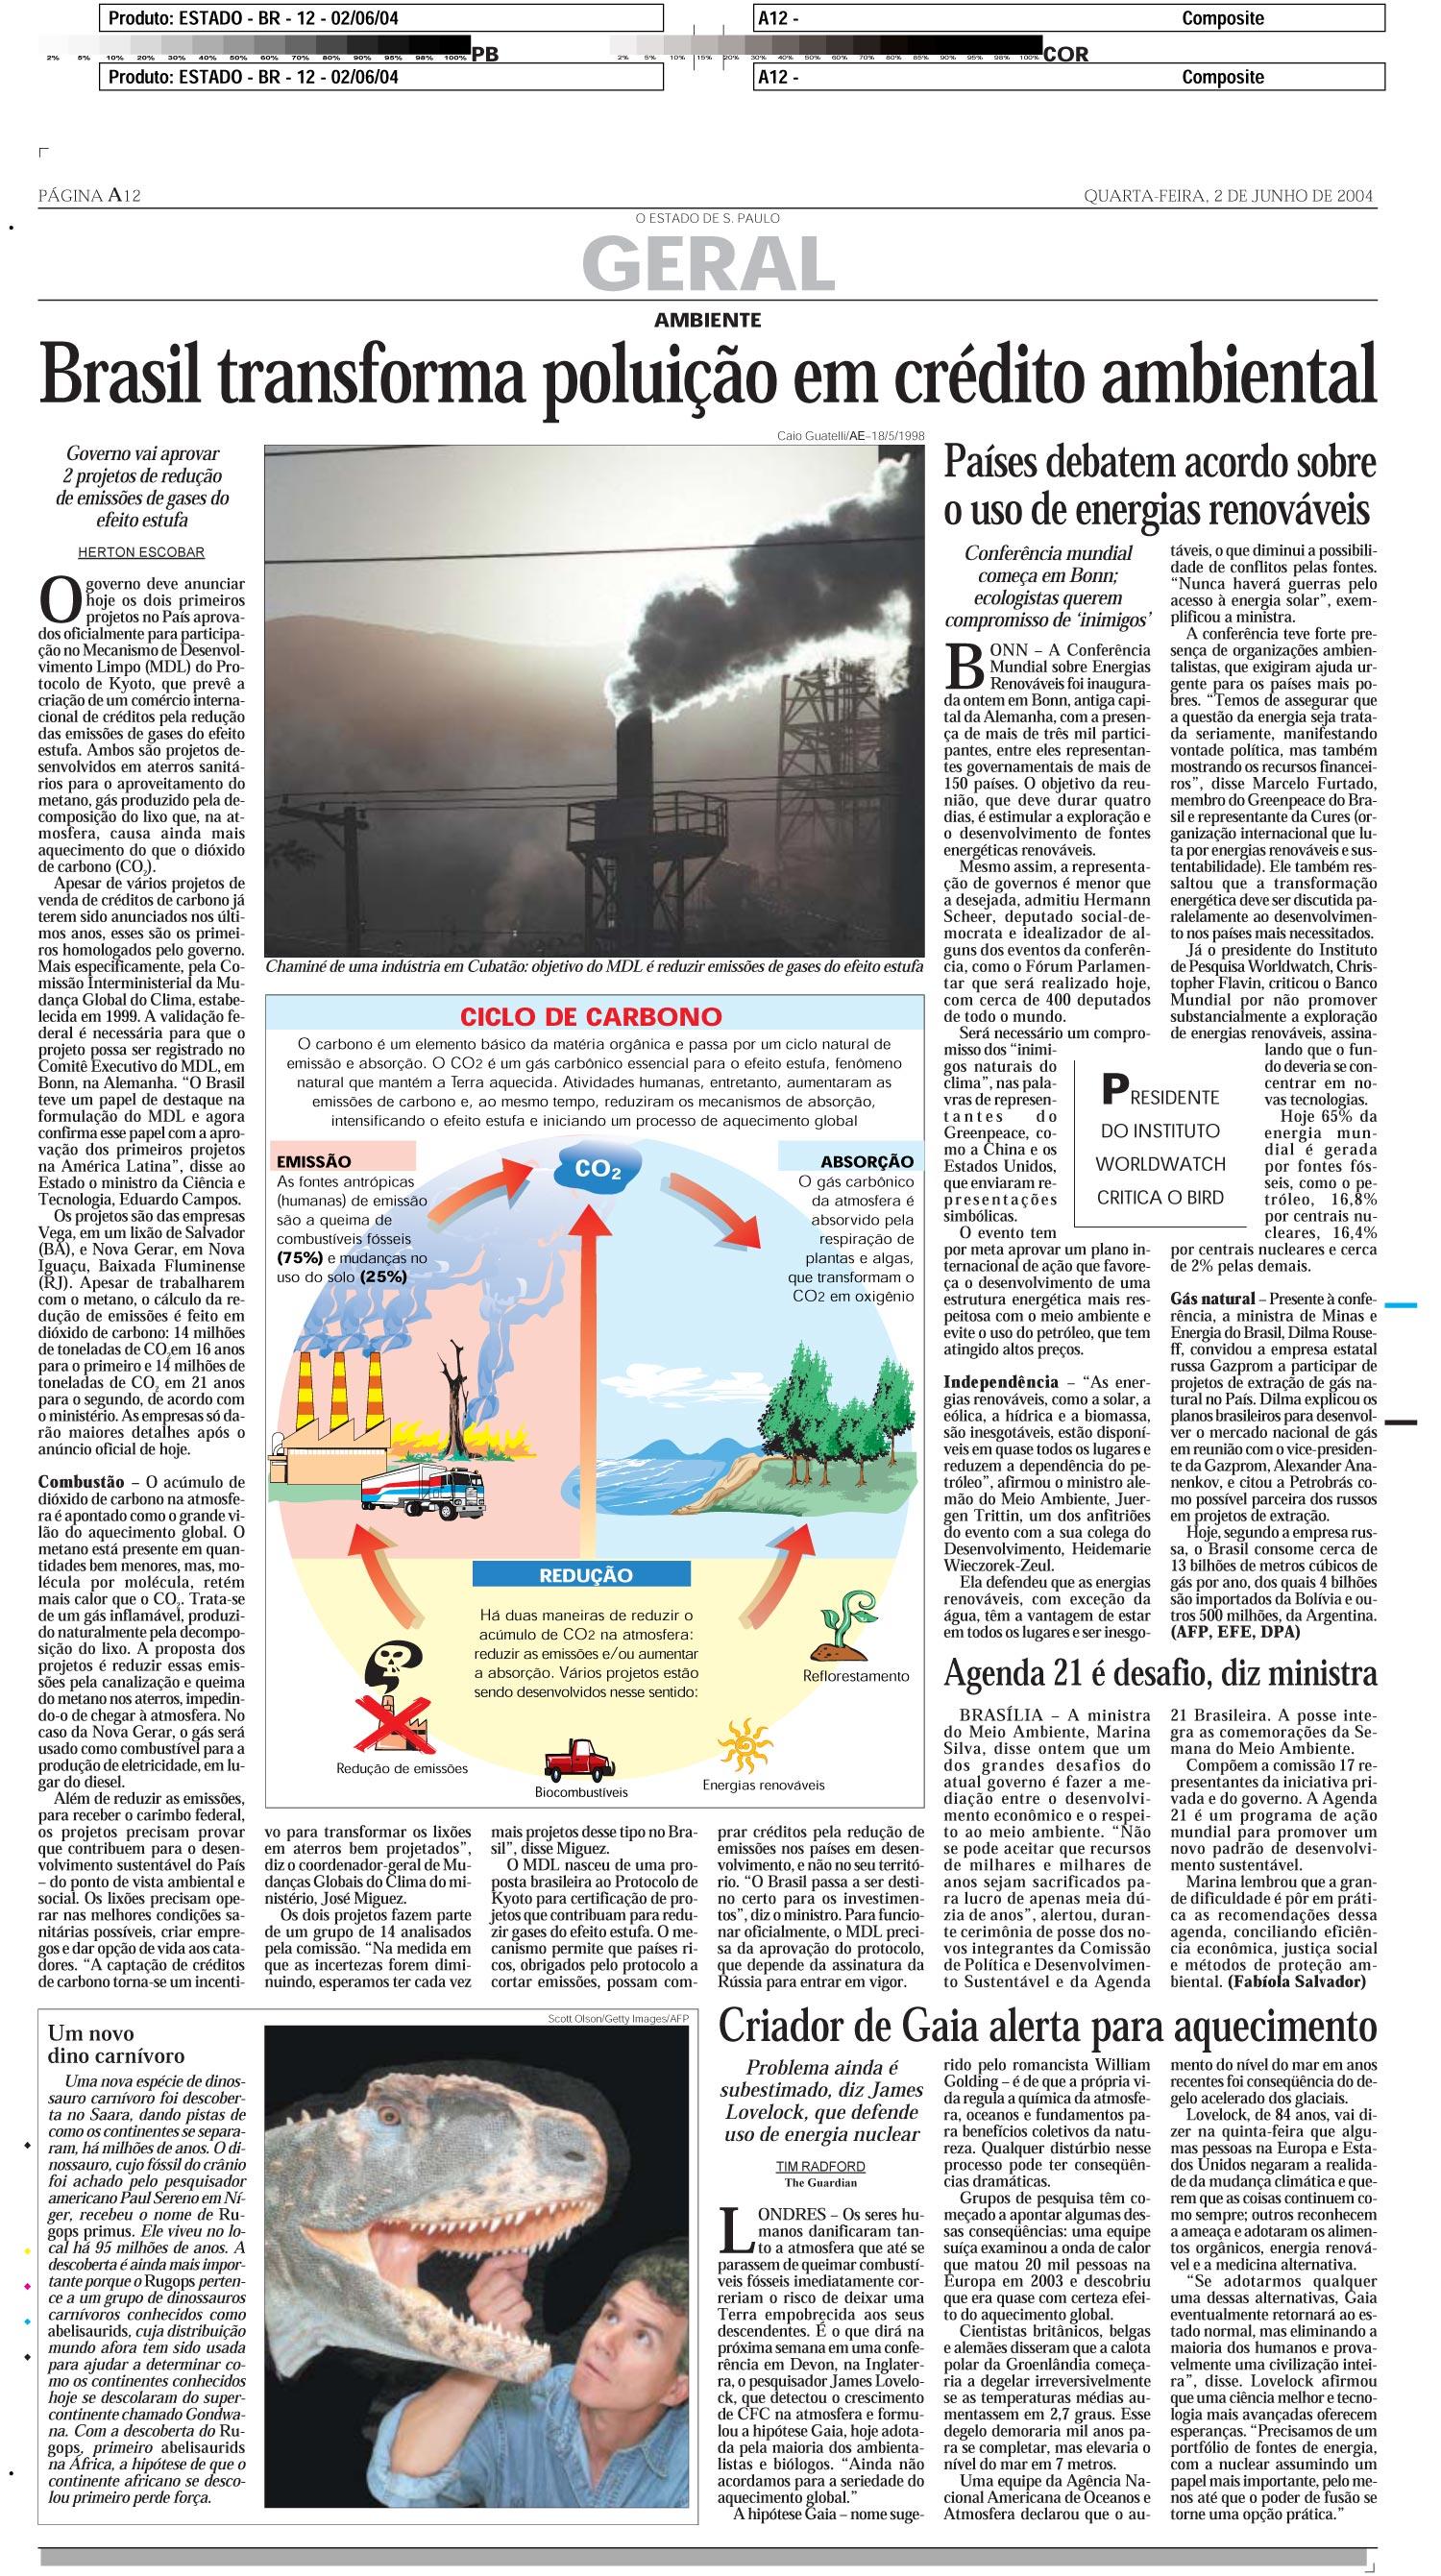 Brasil transforma poluição em crédito ambiental